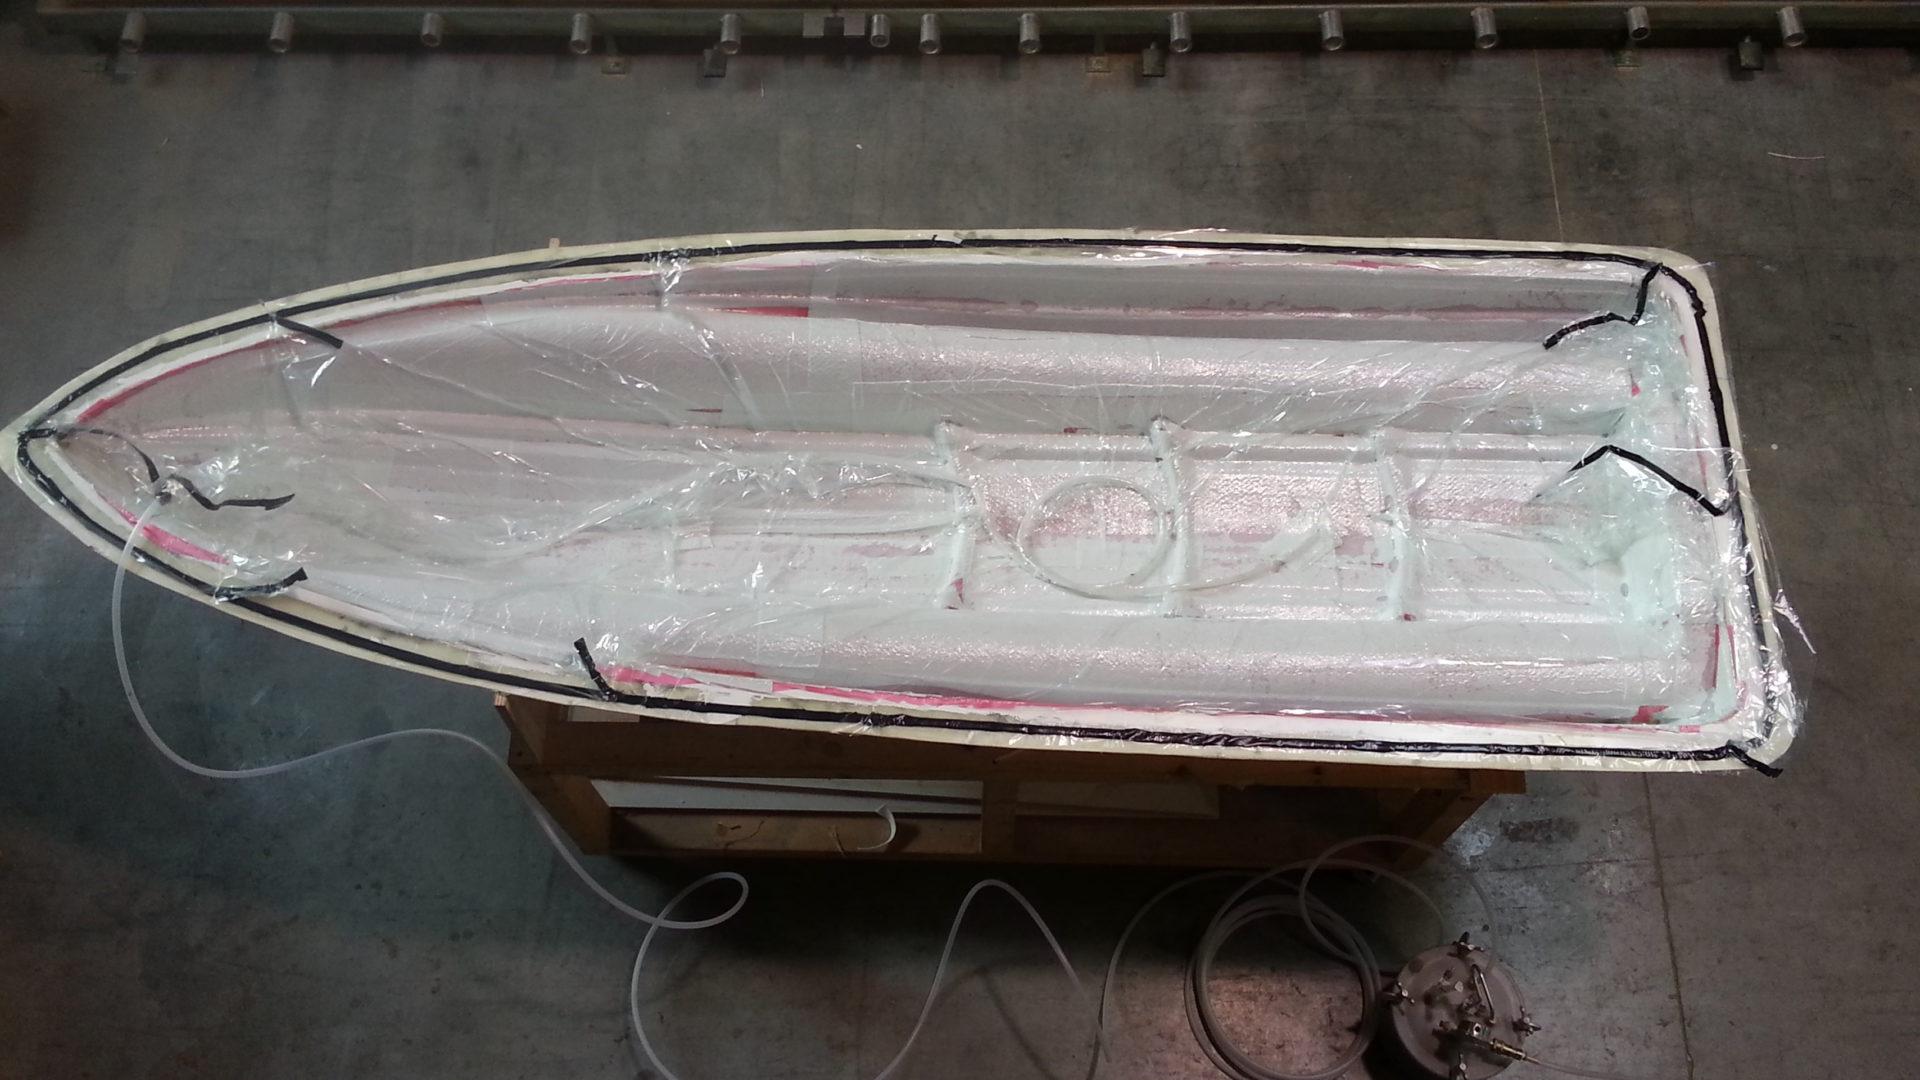 Produktion eines Bootes von FELLERyachting. Die Ansicht ist von oben herab. Zu sehen ist ein Bootsrumpf während eine Infusion mit Epoxydharz statt findet.